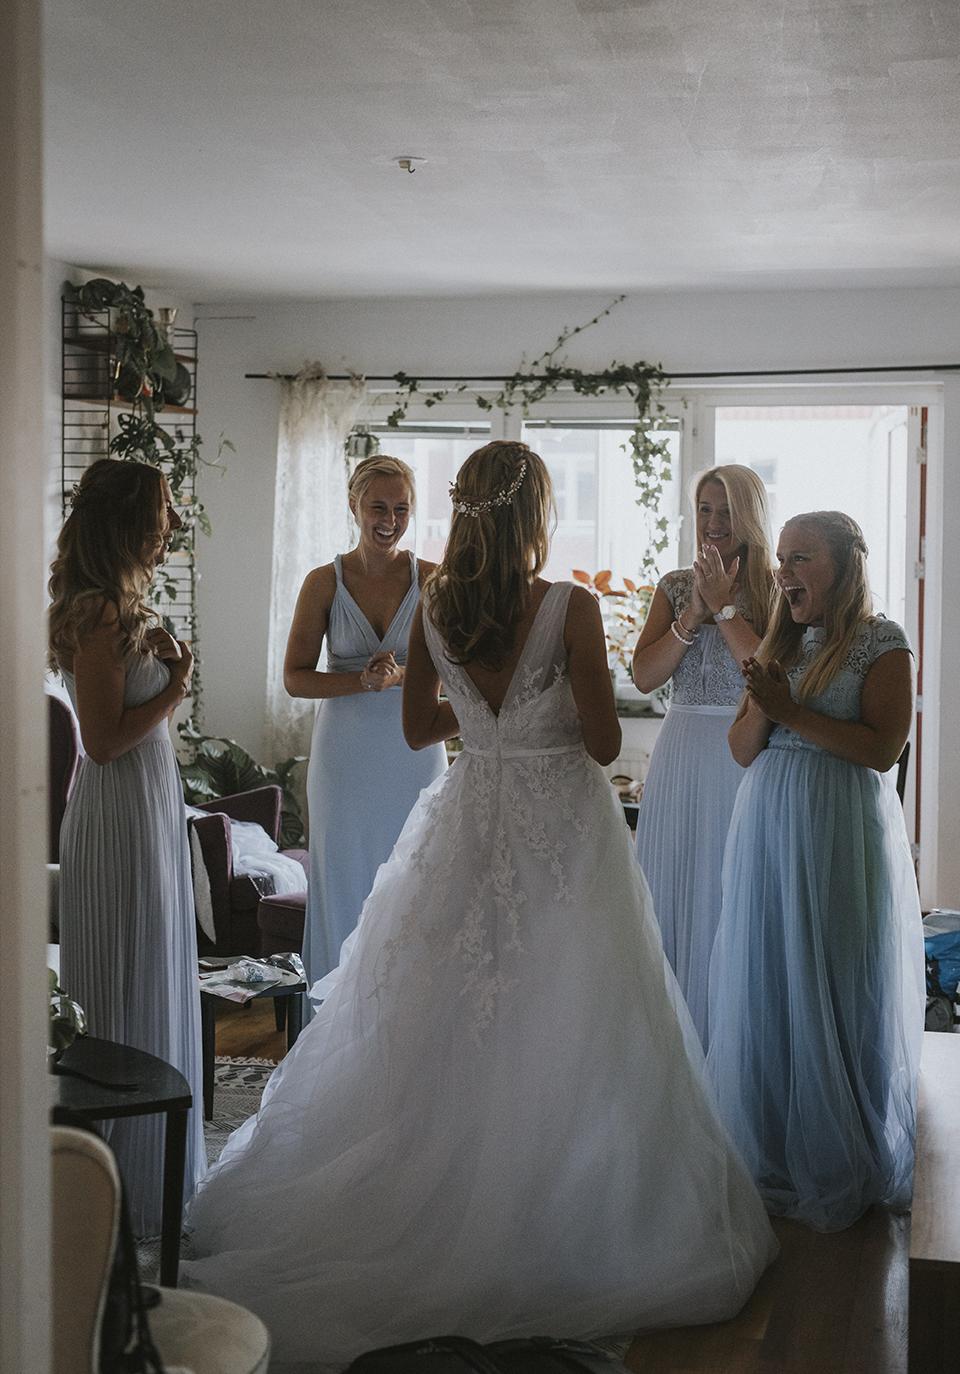 Älskar denna bild! Reaktionen på Mikaelas vänner när hon är klar och redo att gifta sig ♡